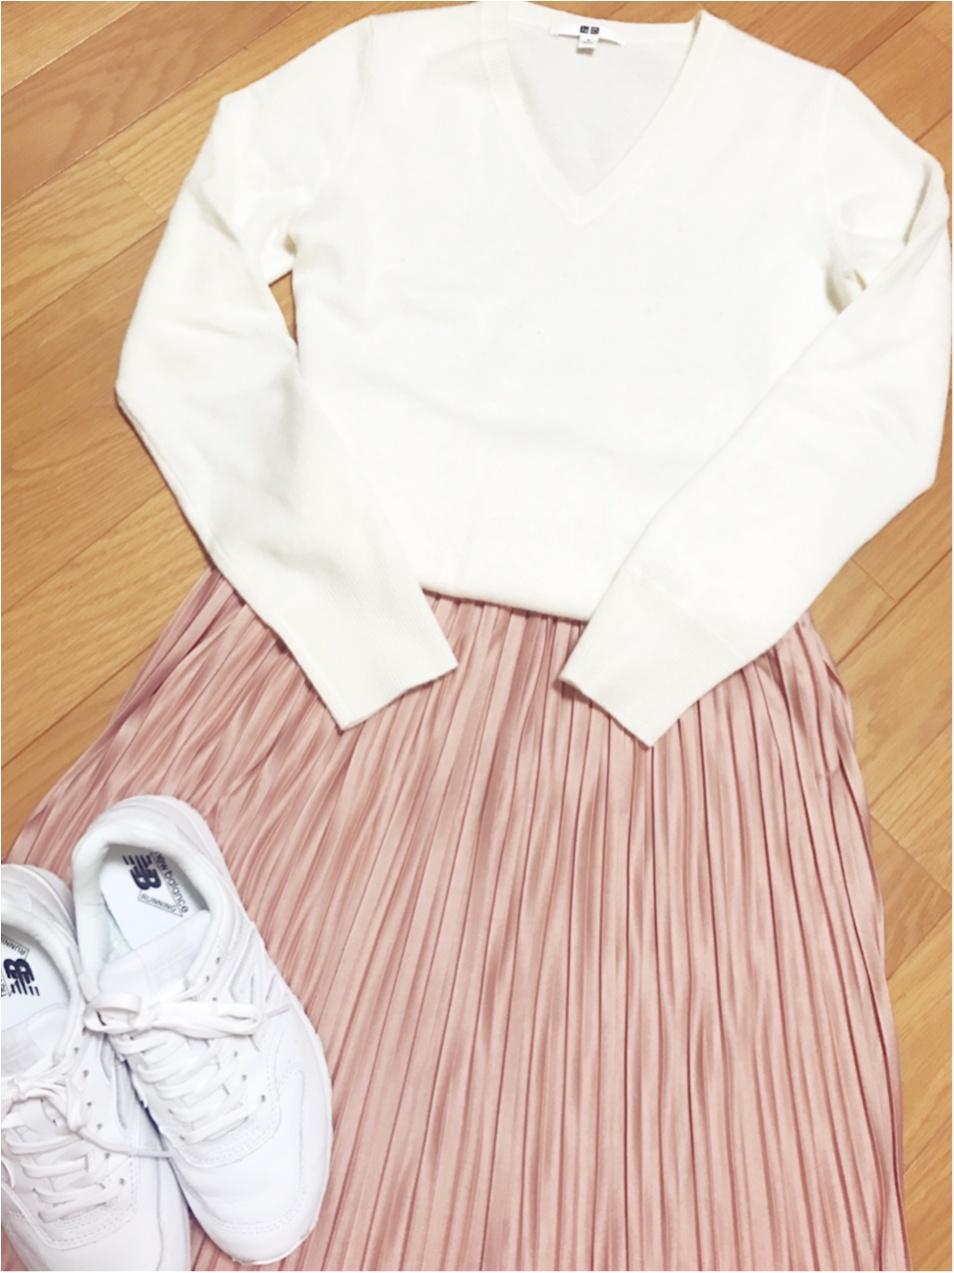 履くだけで一気に春めく❤︎【白スニーカー】のススメ_3